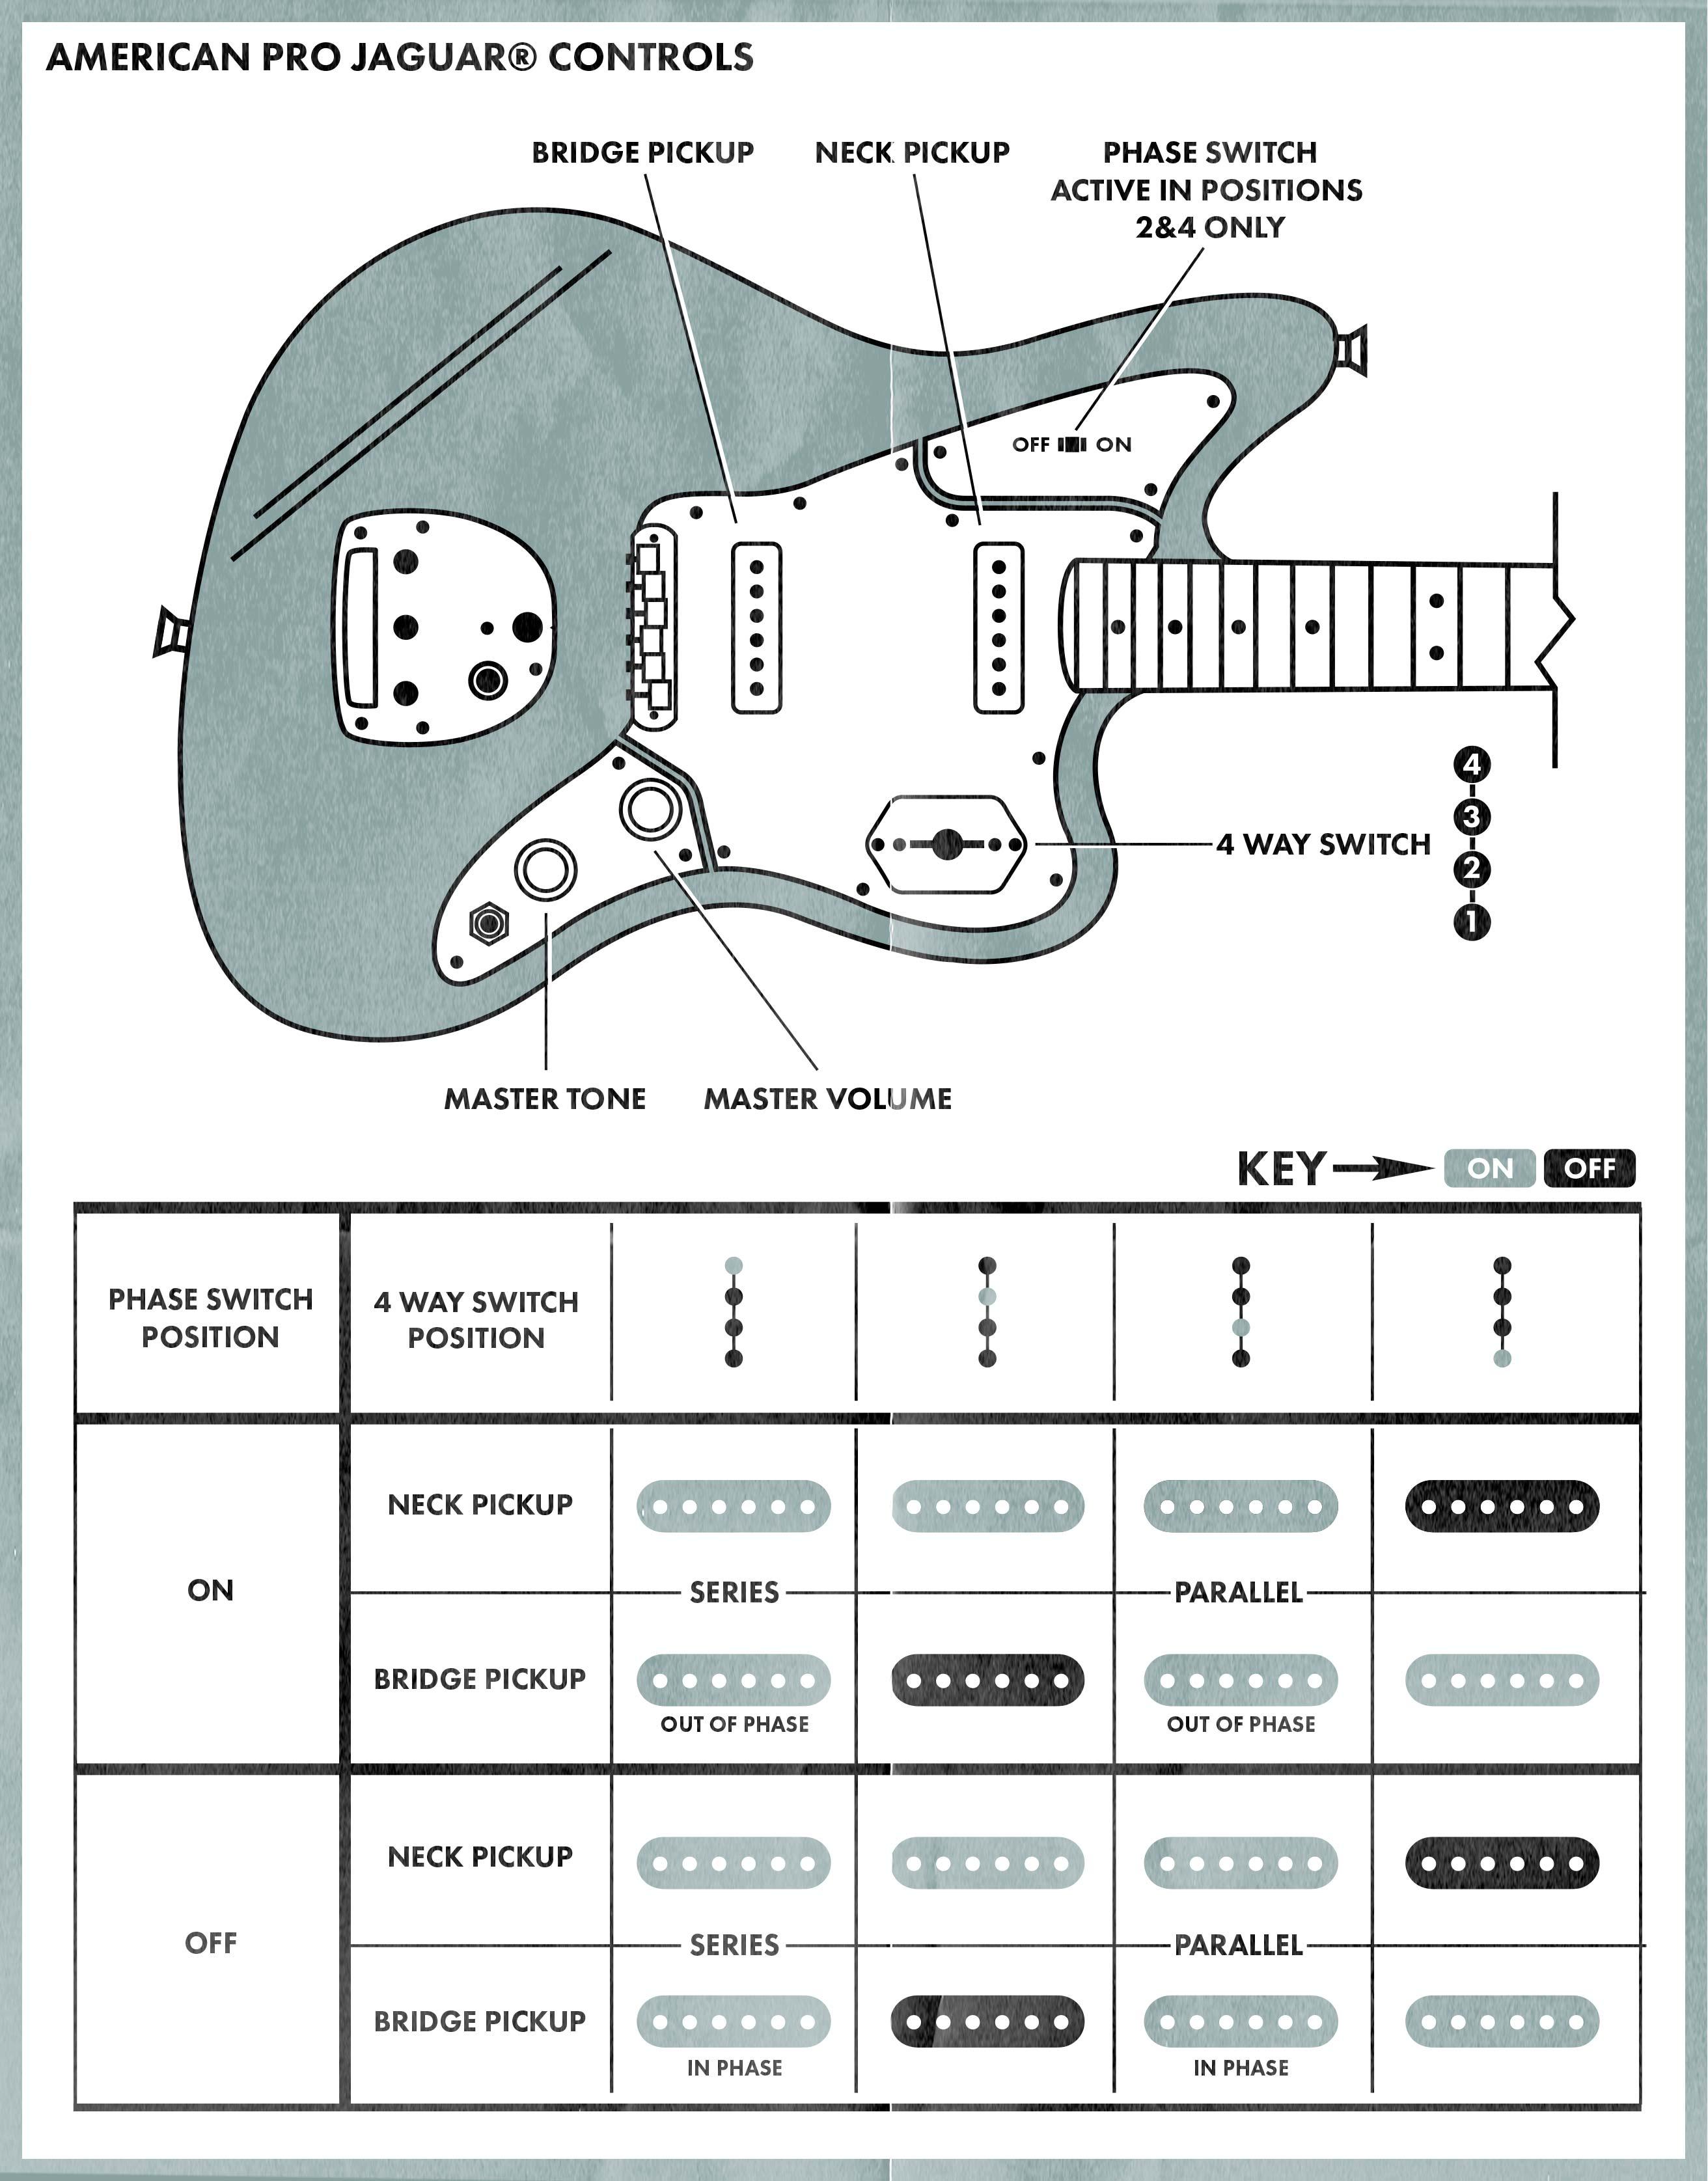 Swell Jaguar Guitar Wiring Diagram Wiring Diagrams Ae4 Wiring Cloud Icalpermsplehendilmohammedshrineorg